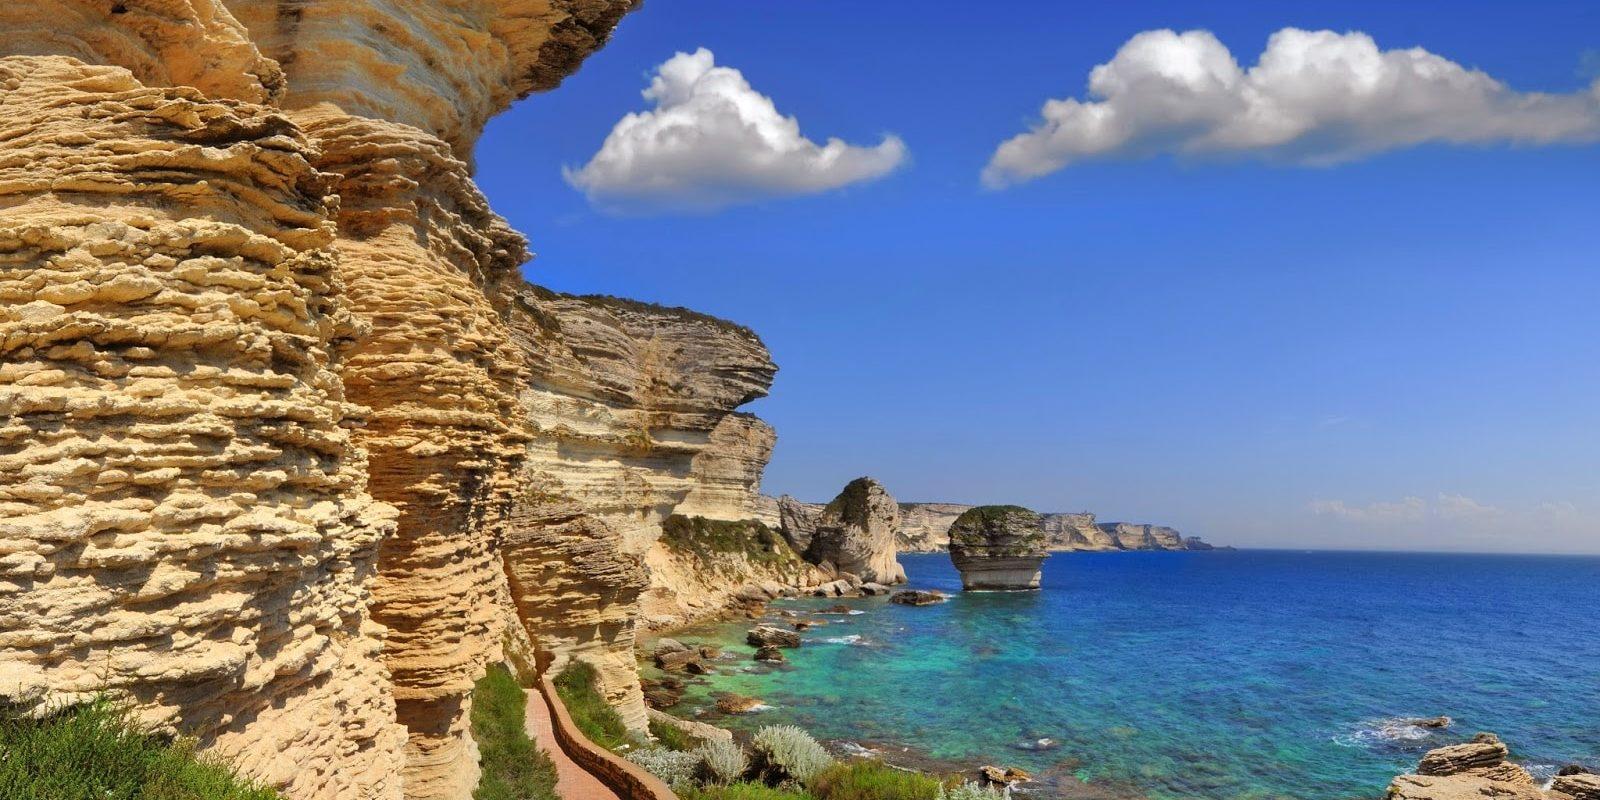 Bonifacio Corsica Frankrijk Grain de Sable zandkorrel